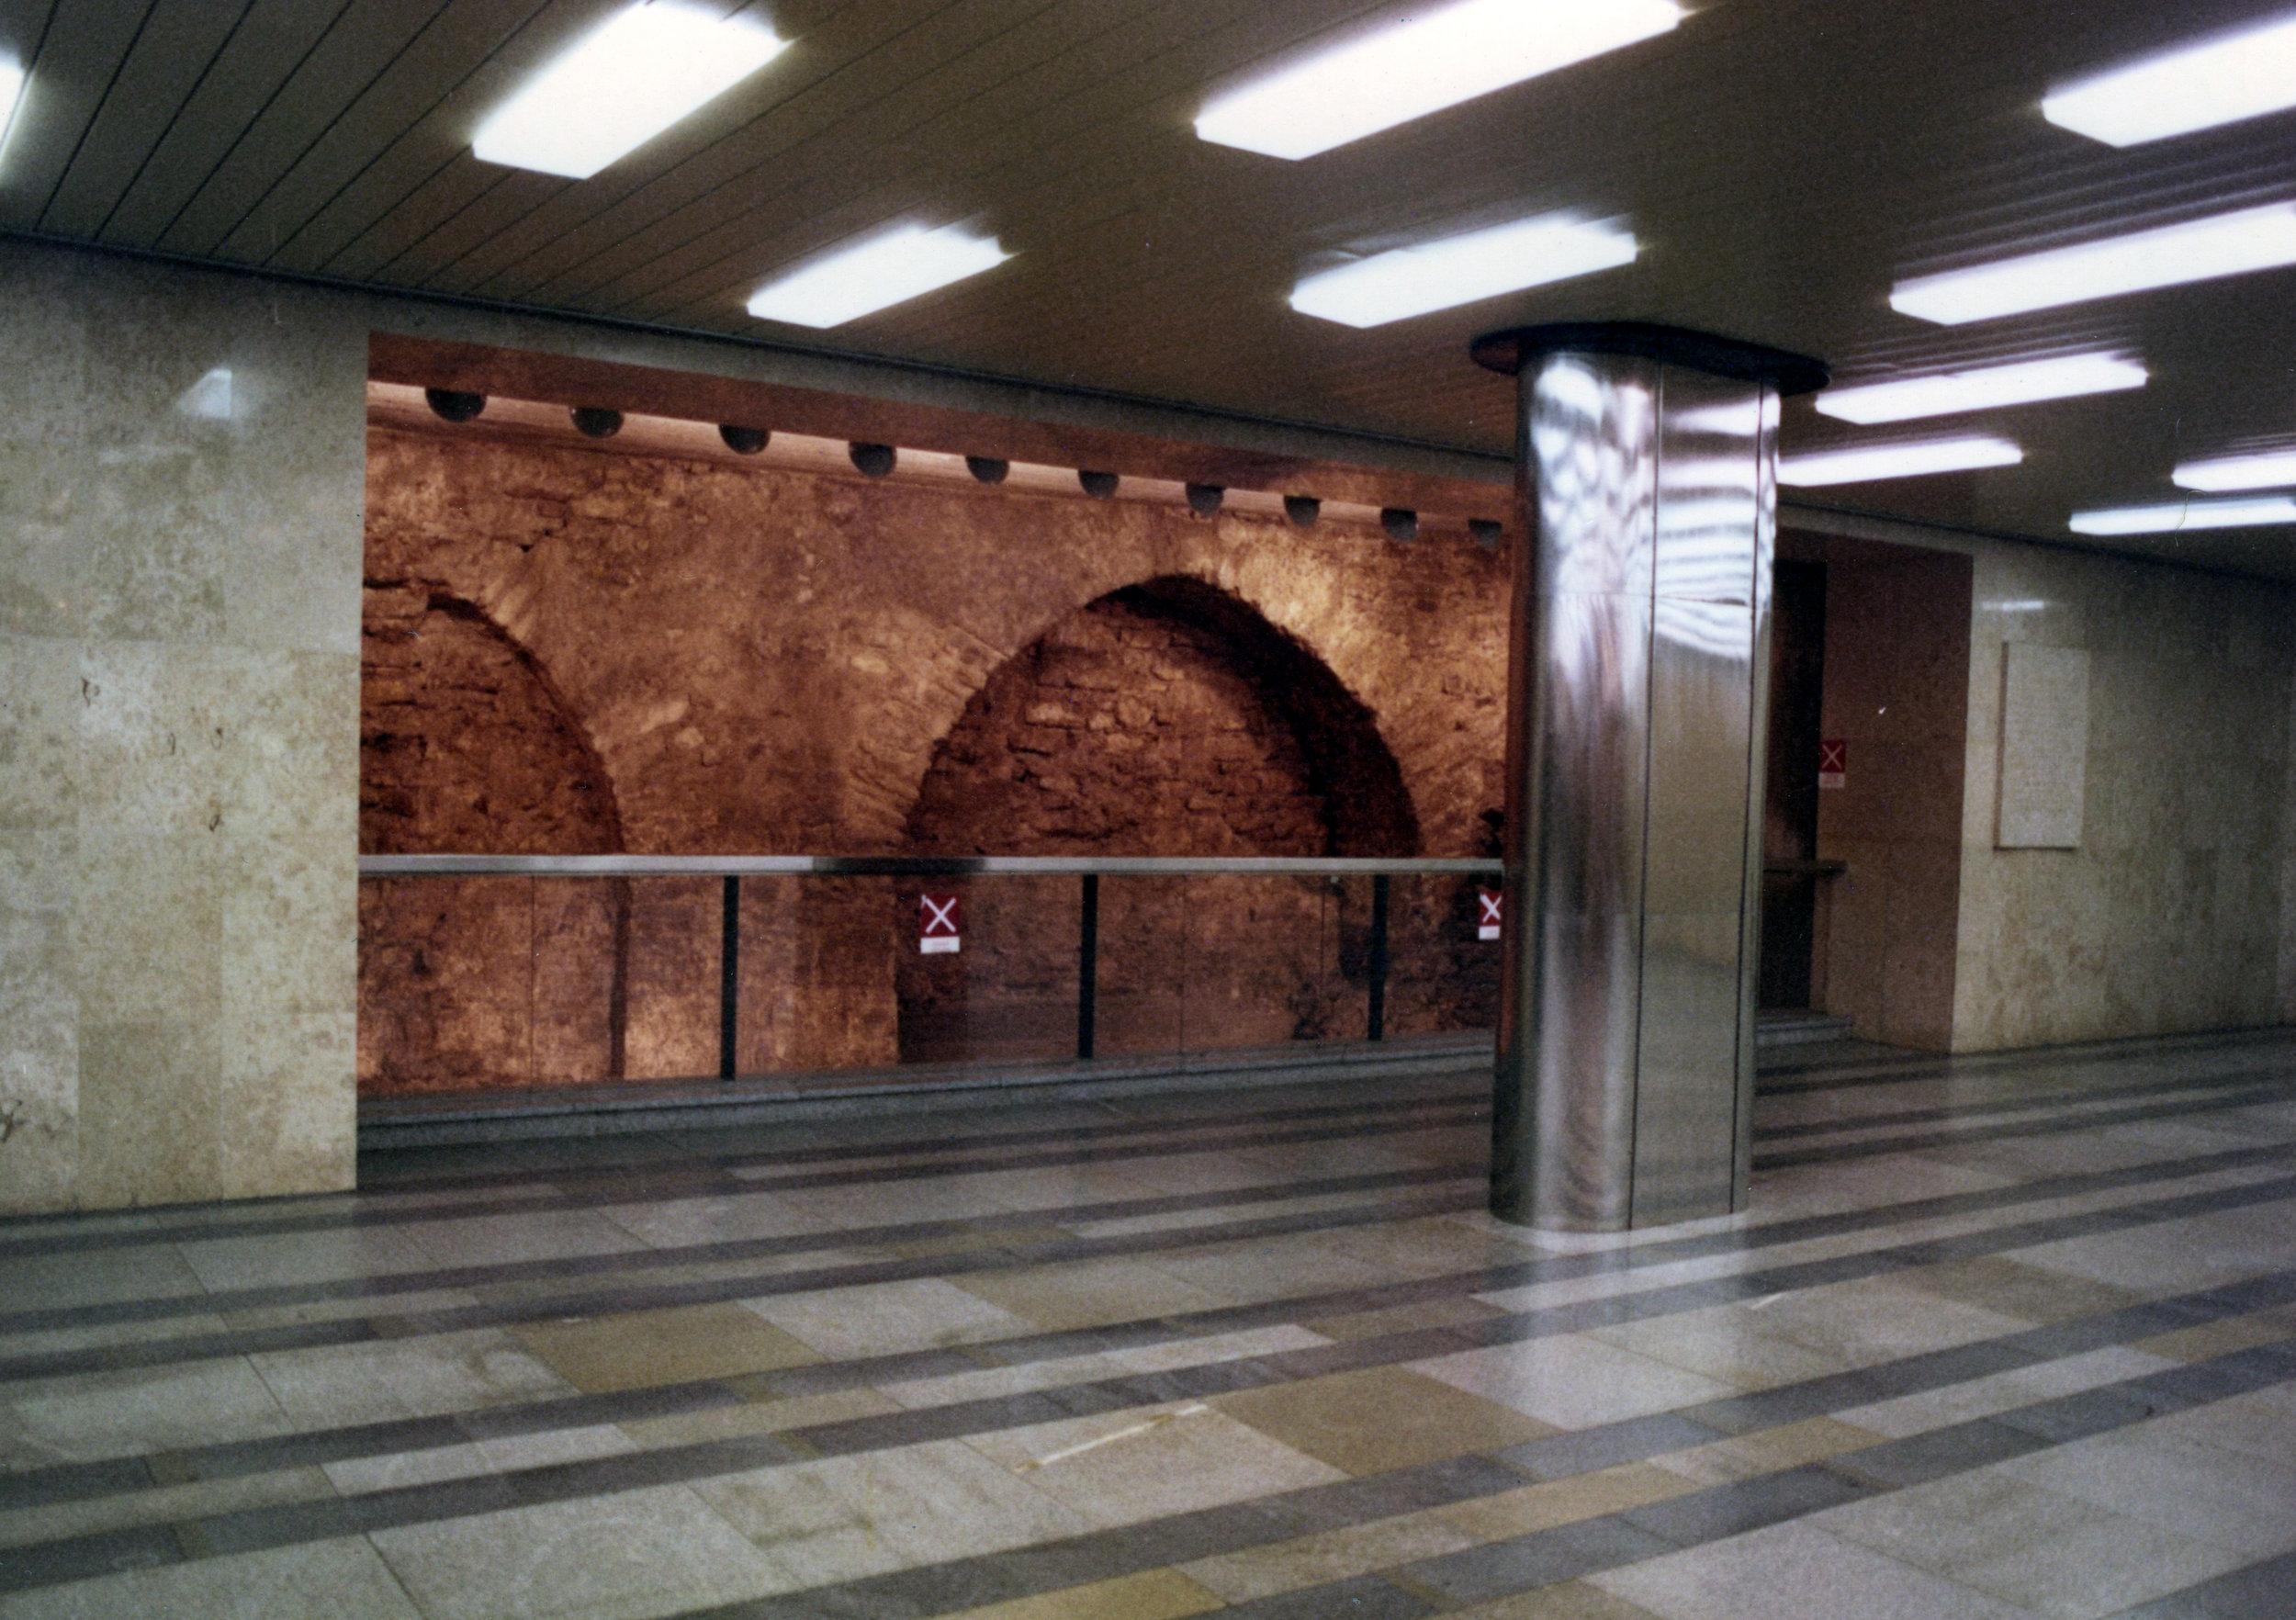 Středověký můstek , jenž vedl v minulosti přes hradní příkop, byl objeven při výstavbě stanice metra a zakomponován do vestibulu stanice. (foto: archiv DPP)